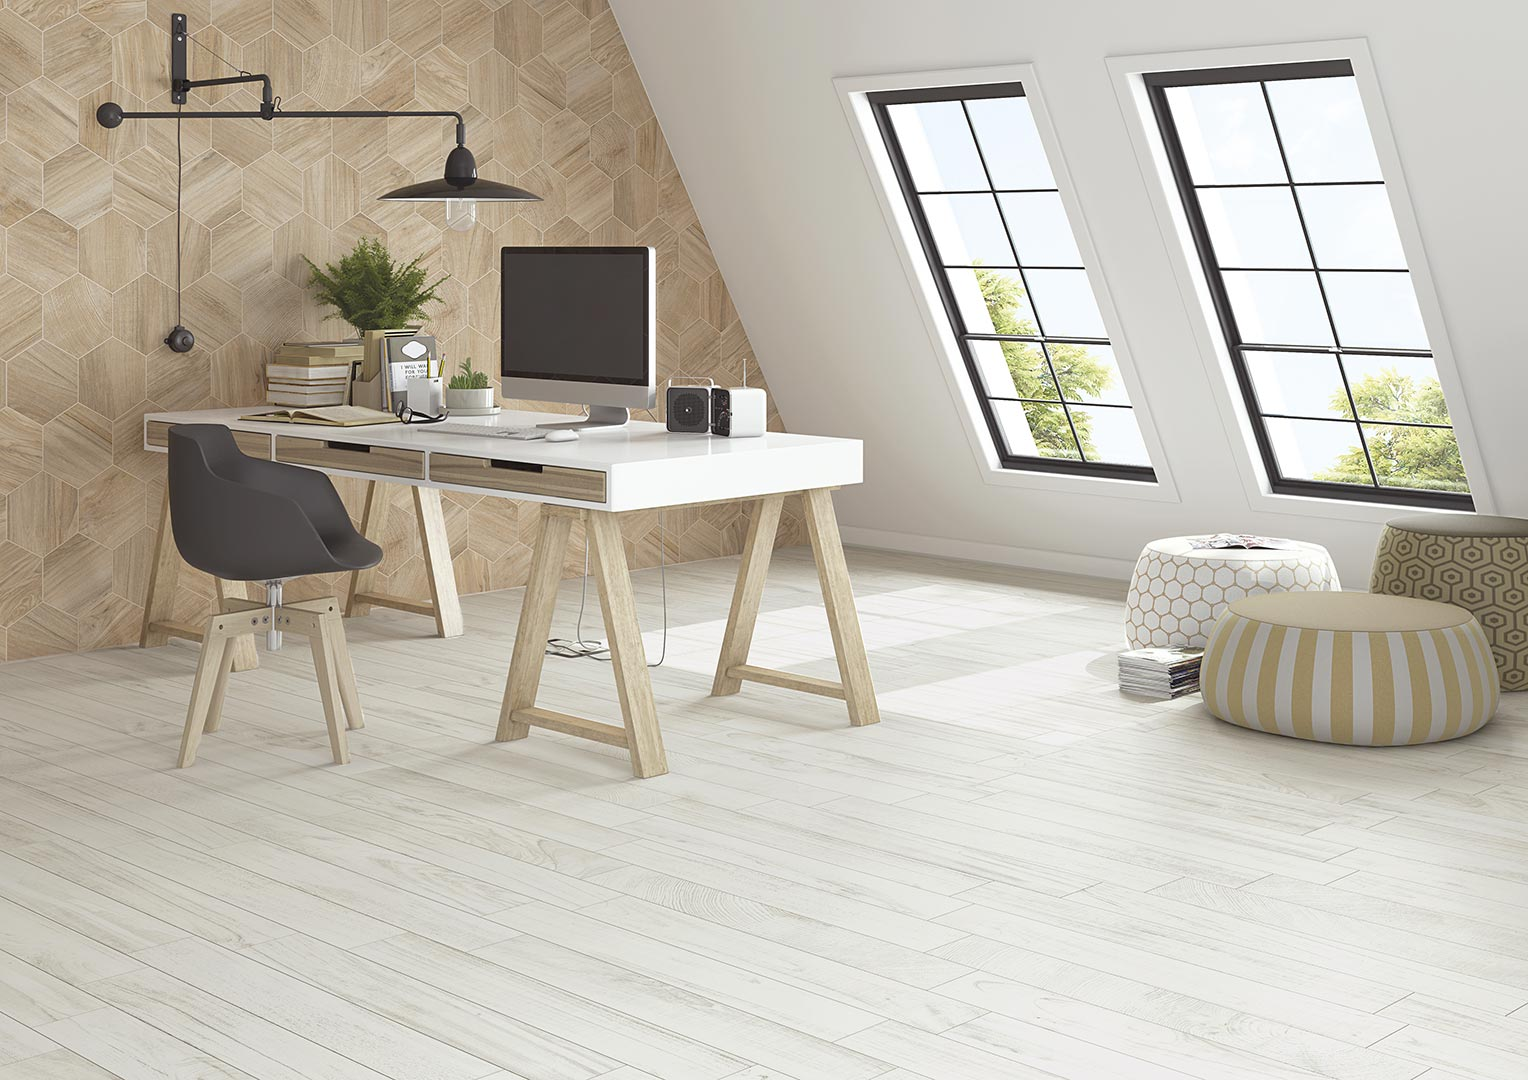 Pavimento porcel nico gamma 23x26 6 vives azulejos y gres - Porcelanico imitacion parquet ...